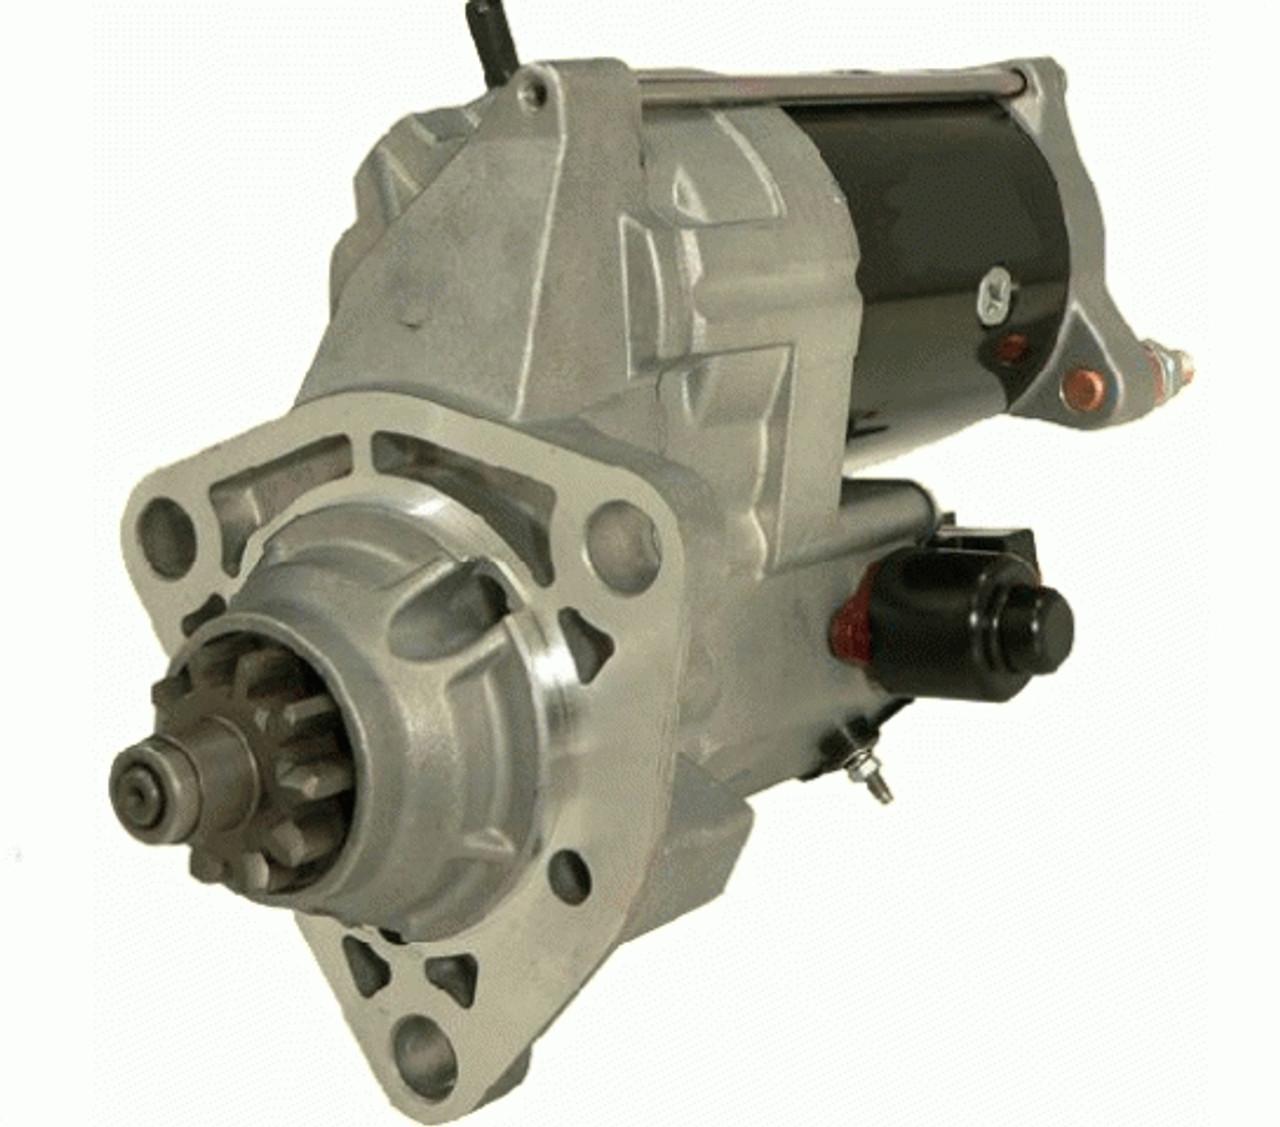 Starter Fits Ford L6000//7000//8000//9000 Trucks Caterpillar 3176 3406 C-10 C-12